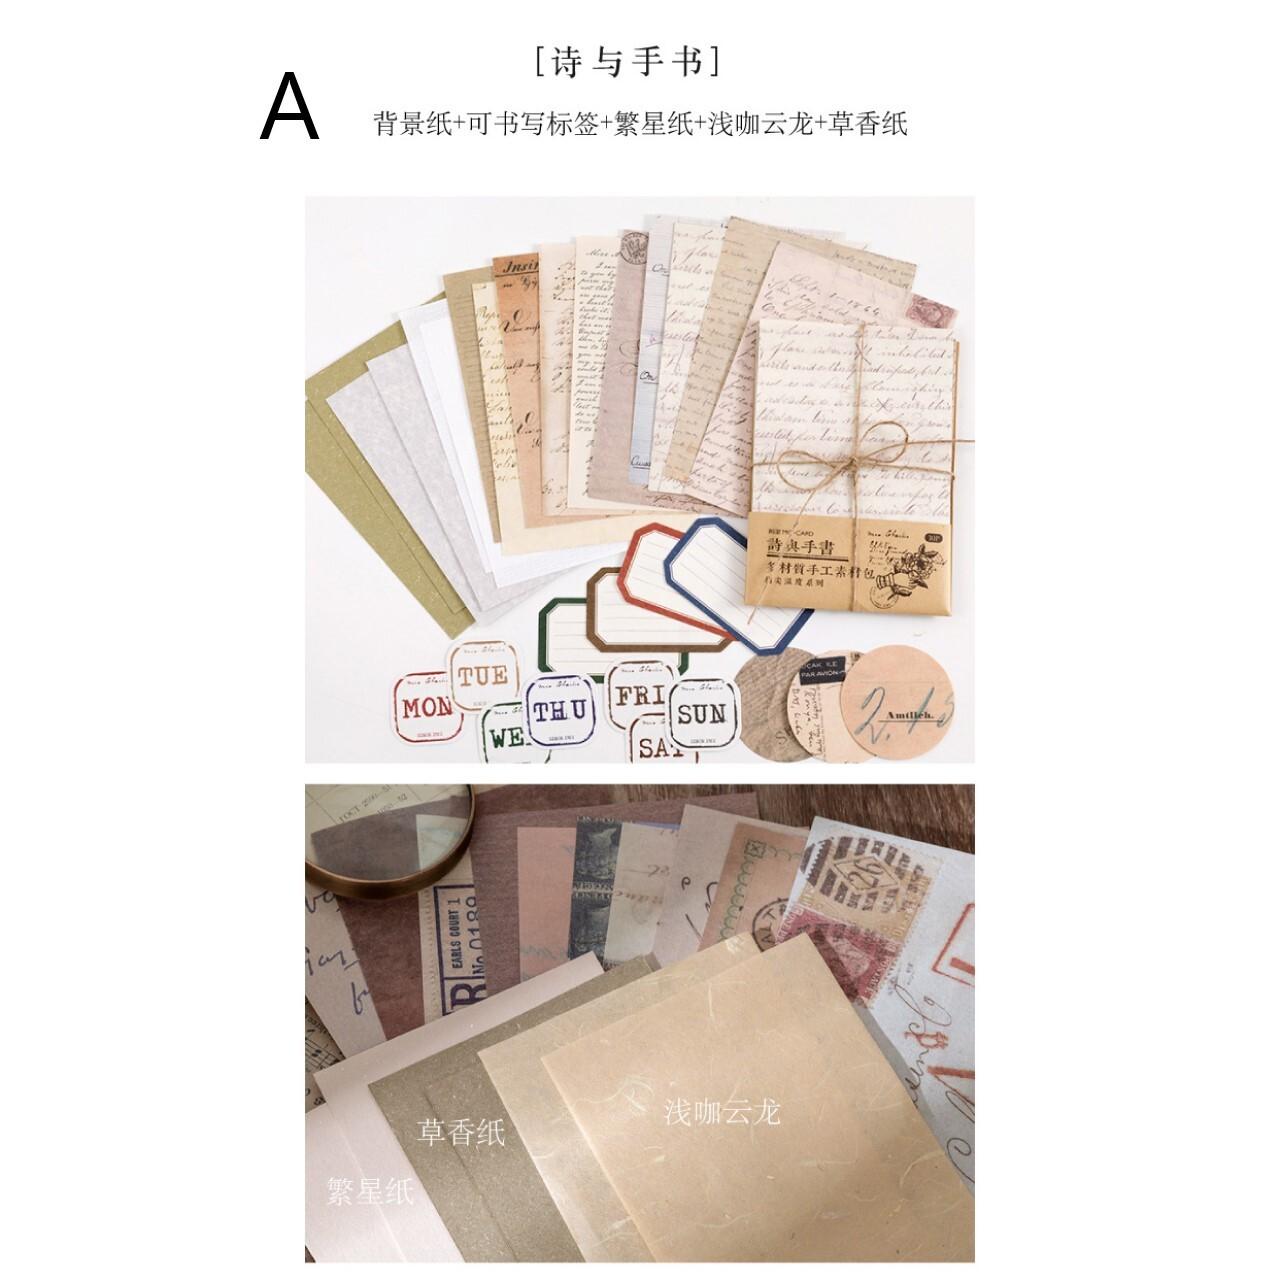 紙もの一式 全4種 コラージュ 素材紙 特殊紙 紙タグ 背景紙 コラージュ 背景紙 デザペ A03